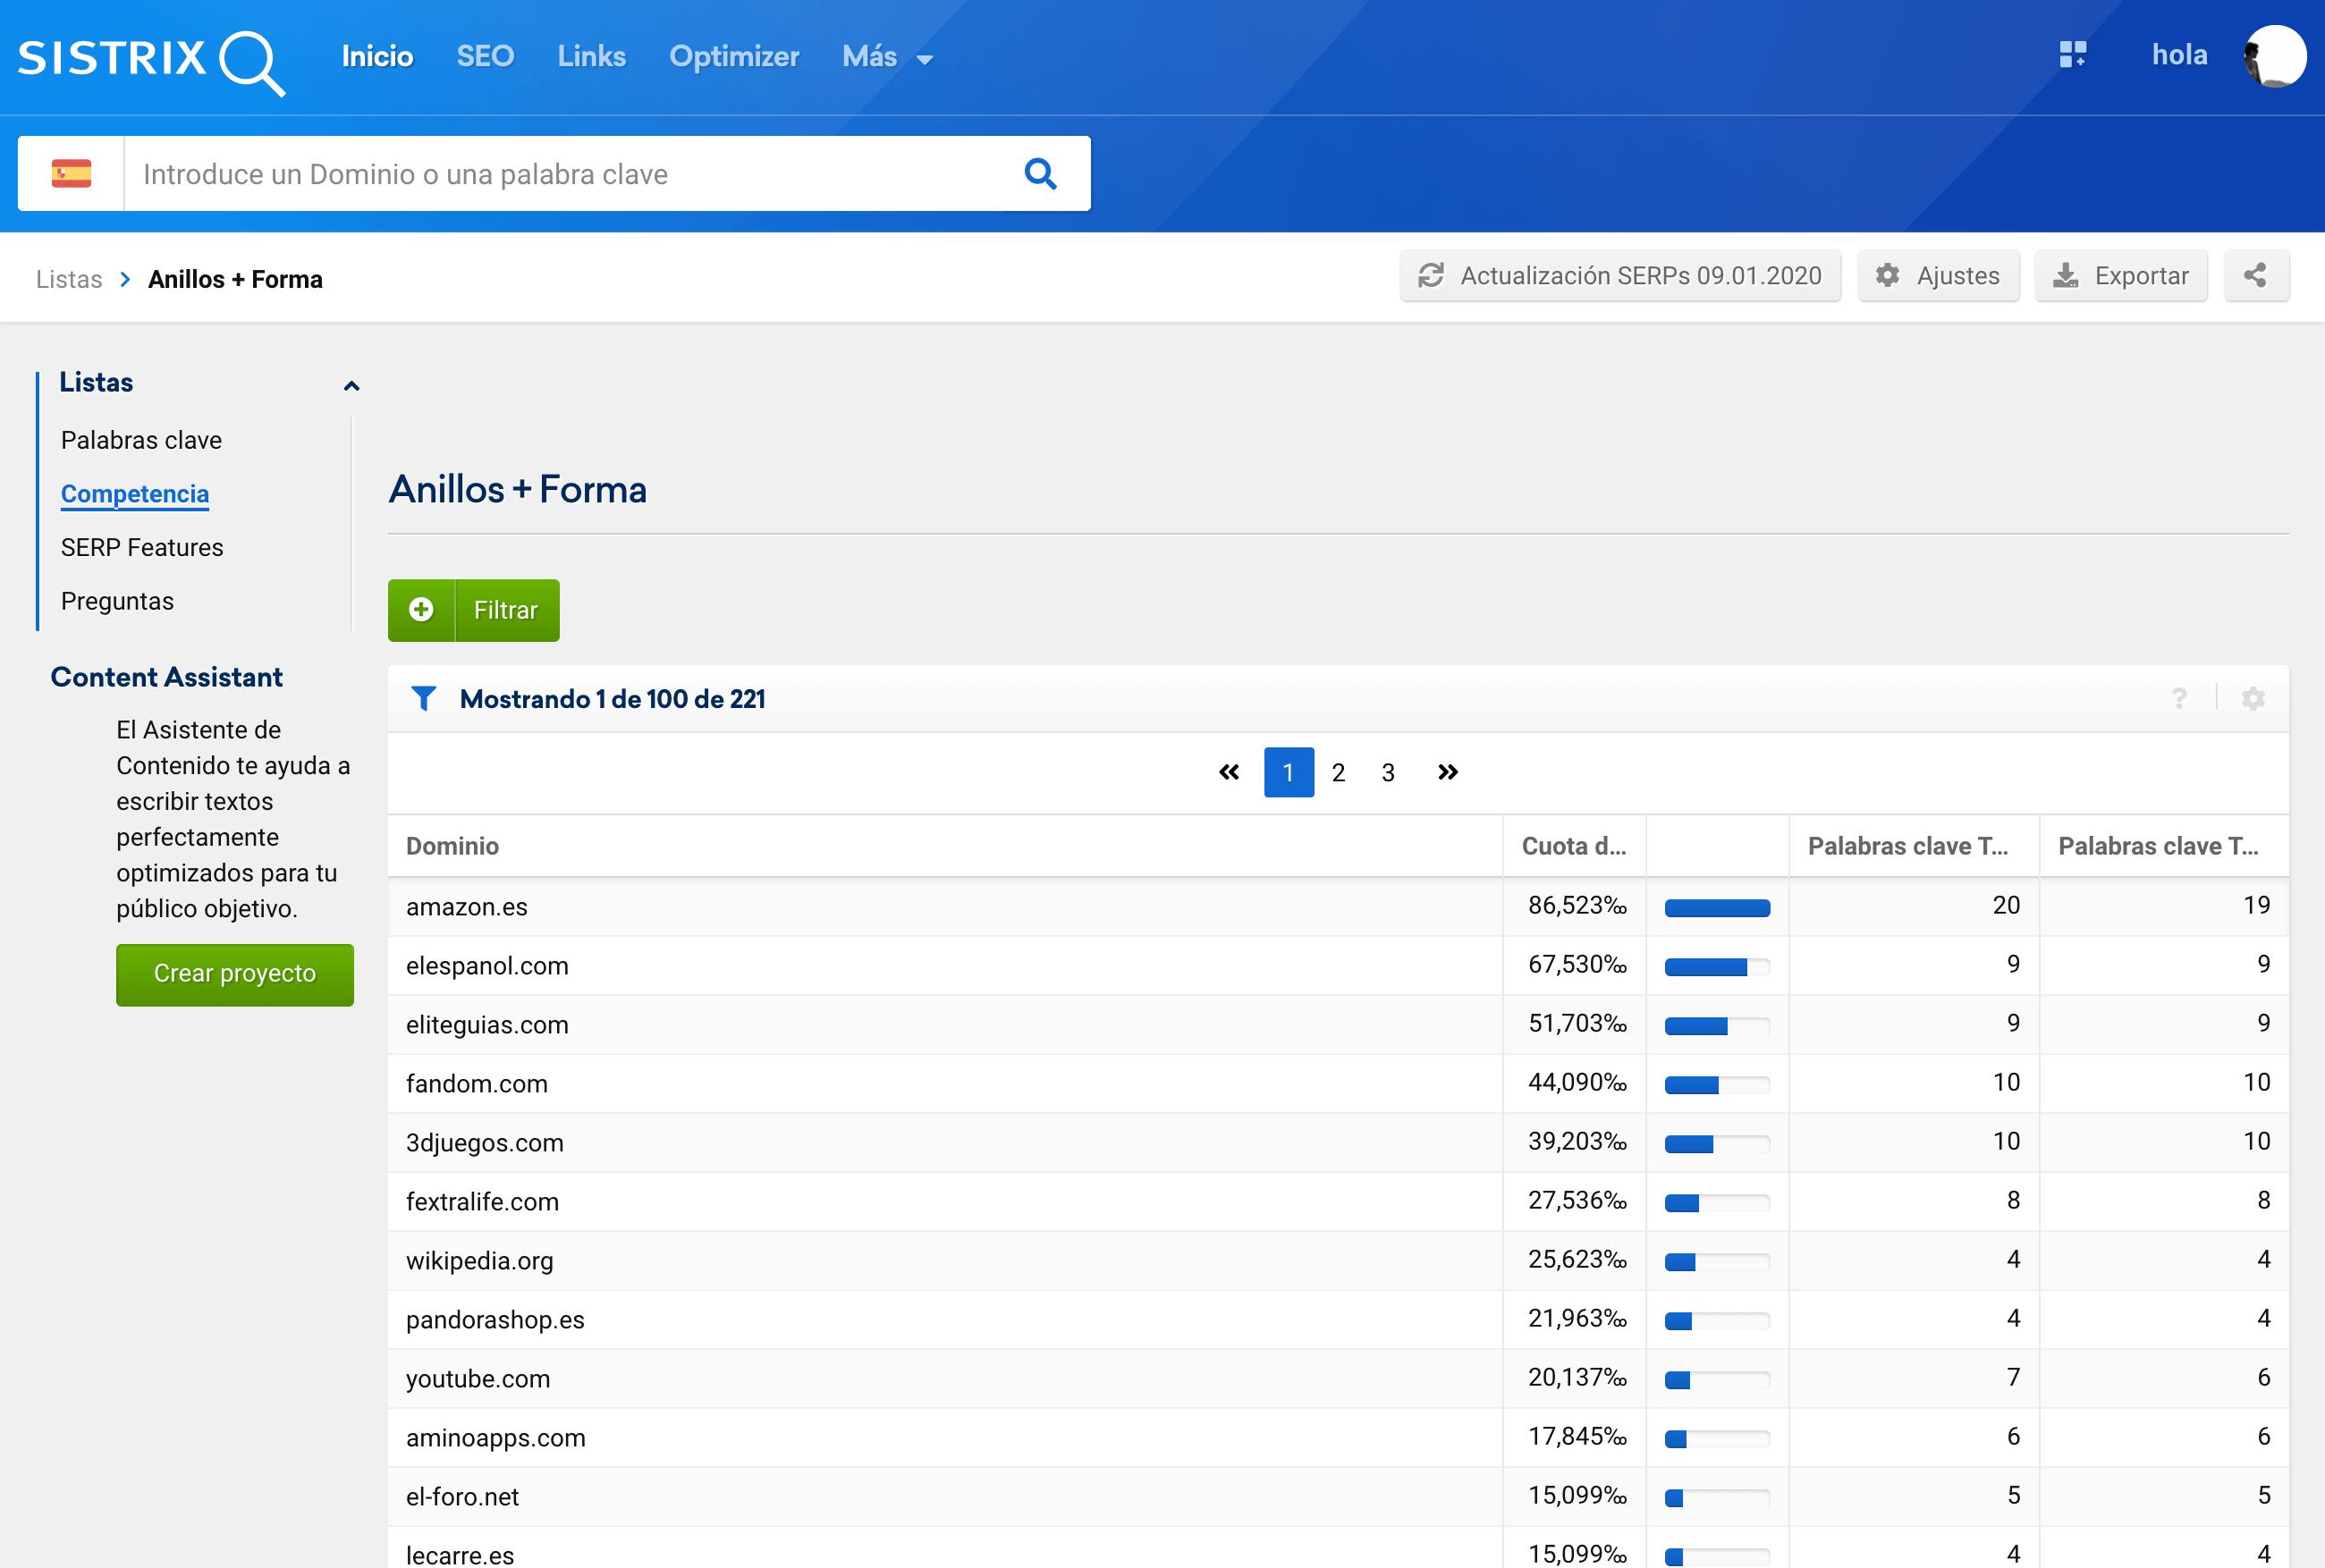 Lista de keywords con análisis de competencia